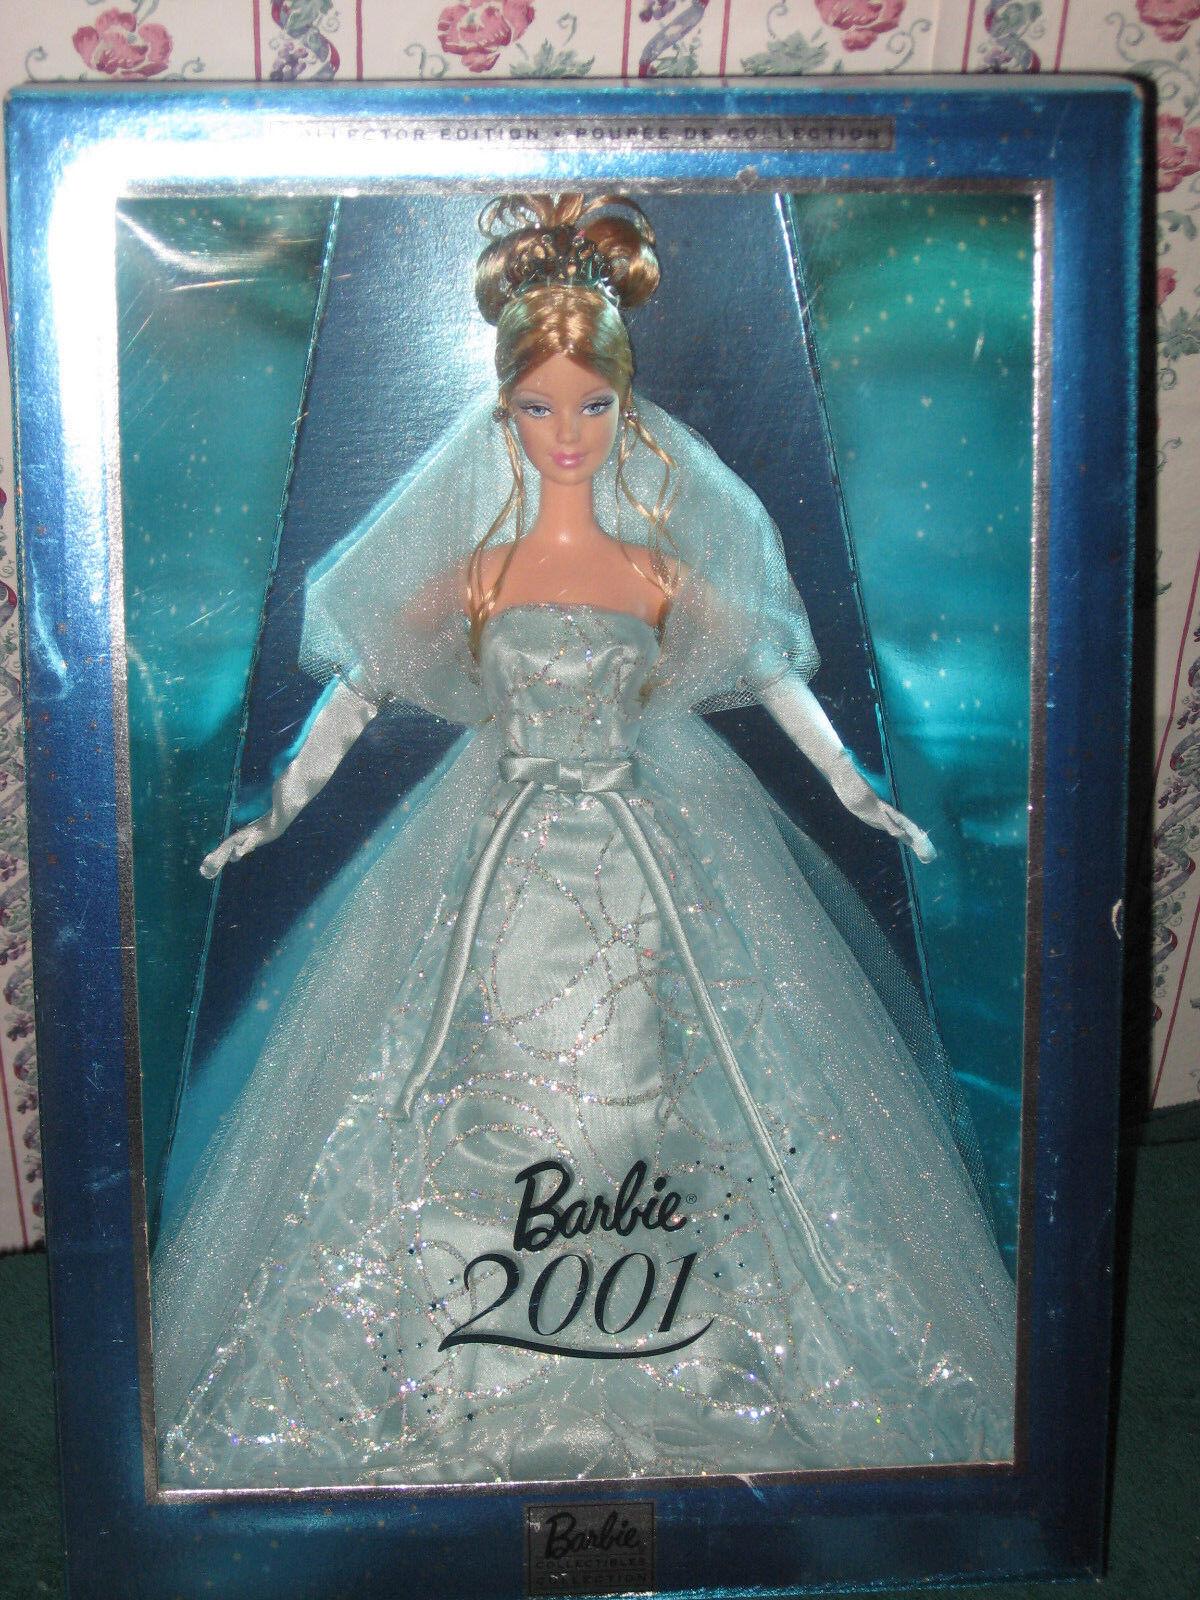 2001 Vestido Turquesa MATTEL Barbie de edición especial de vacaciones